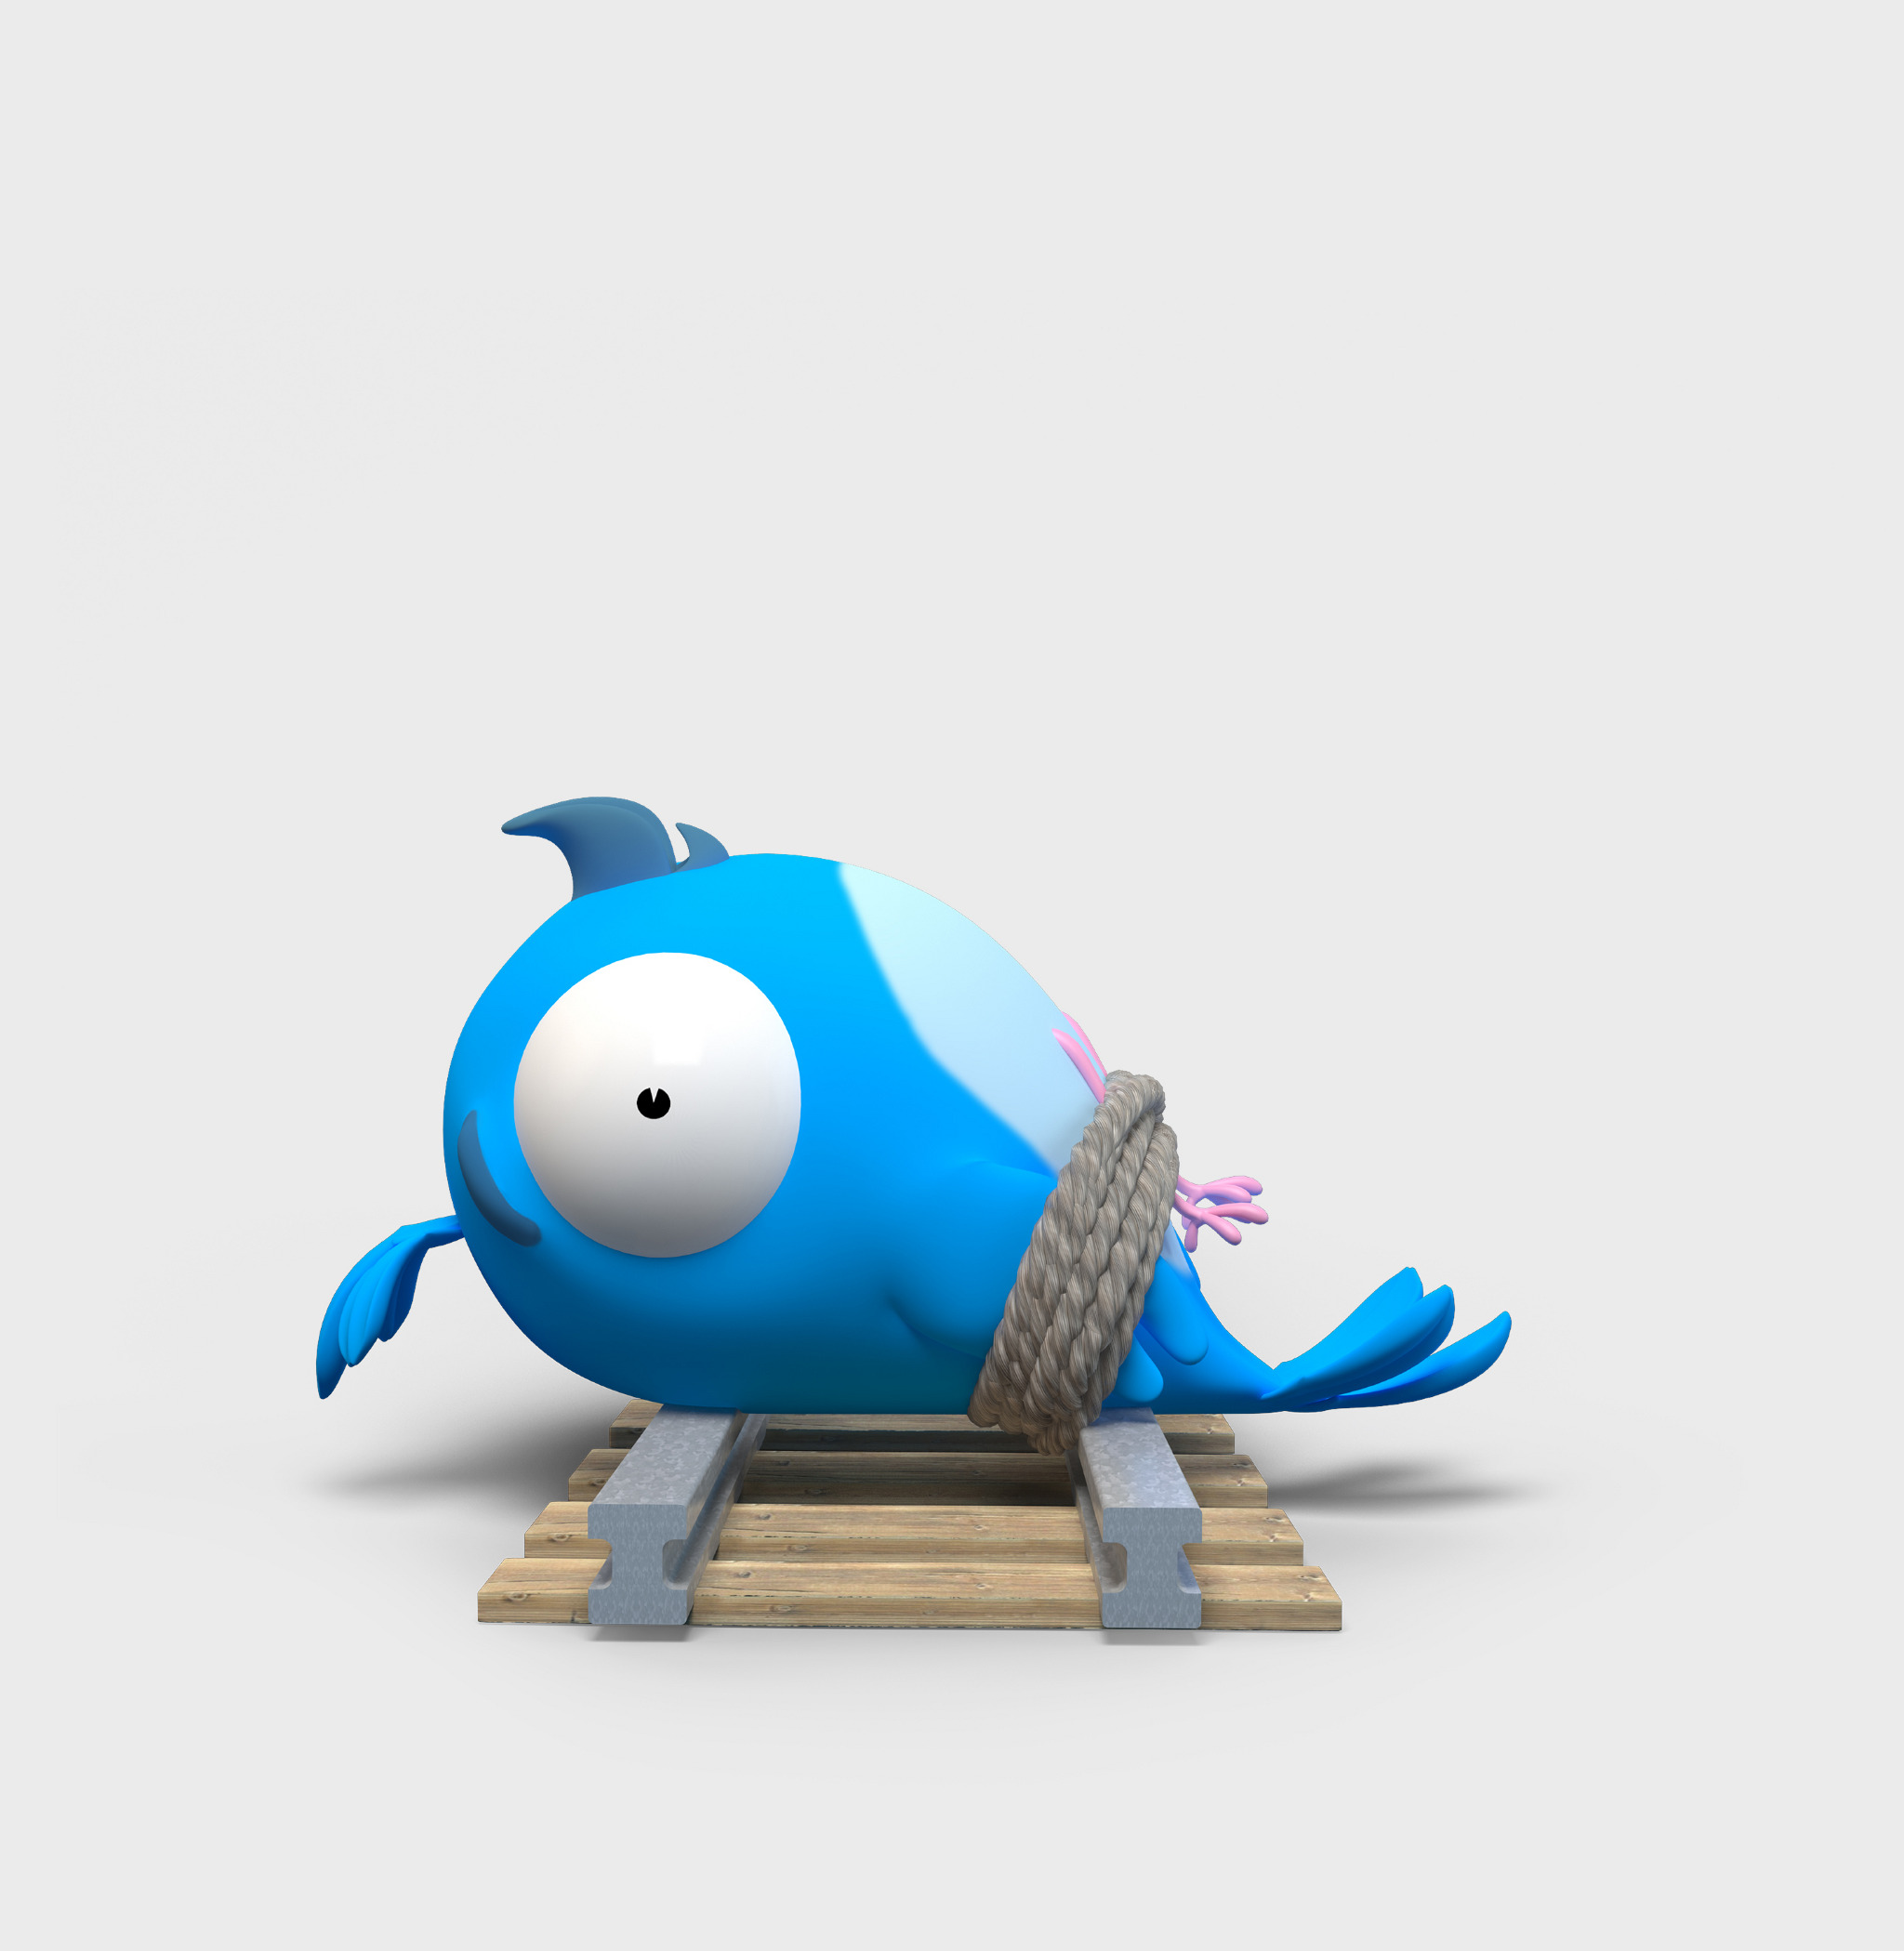 Twitter-Bird-Bloomberg-Businessweek-Choo choo_o.jpg